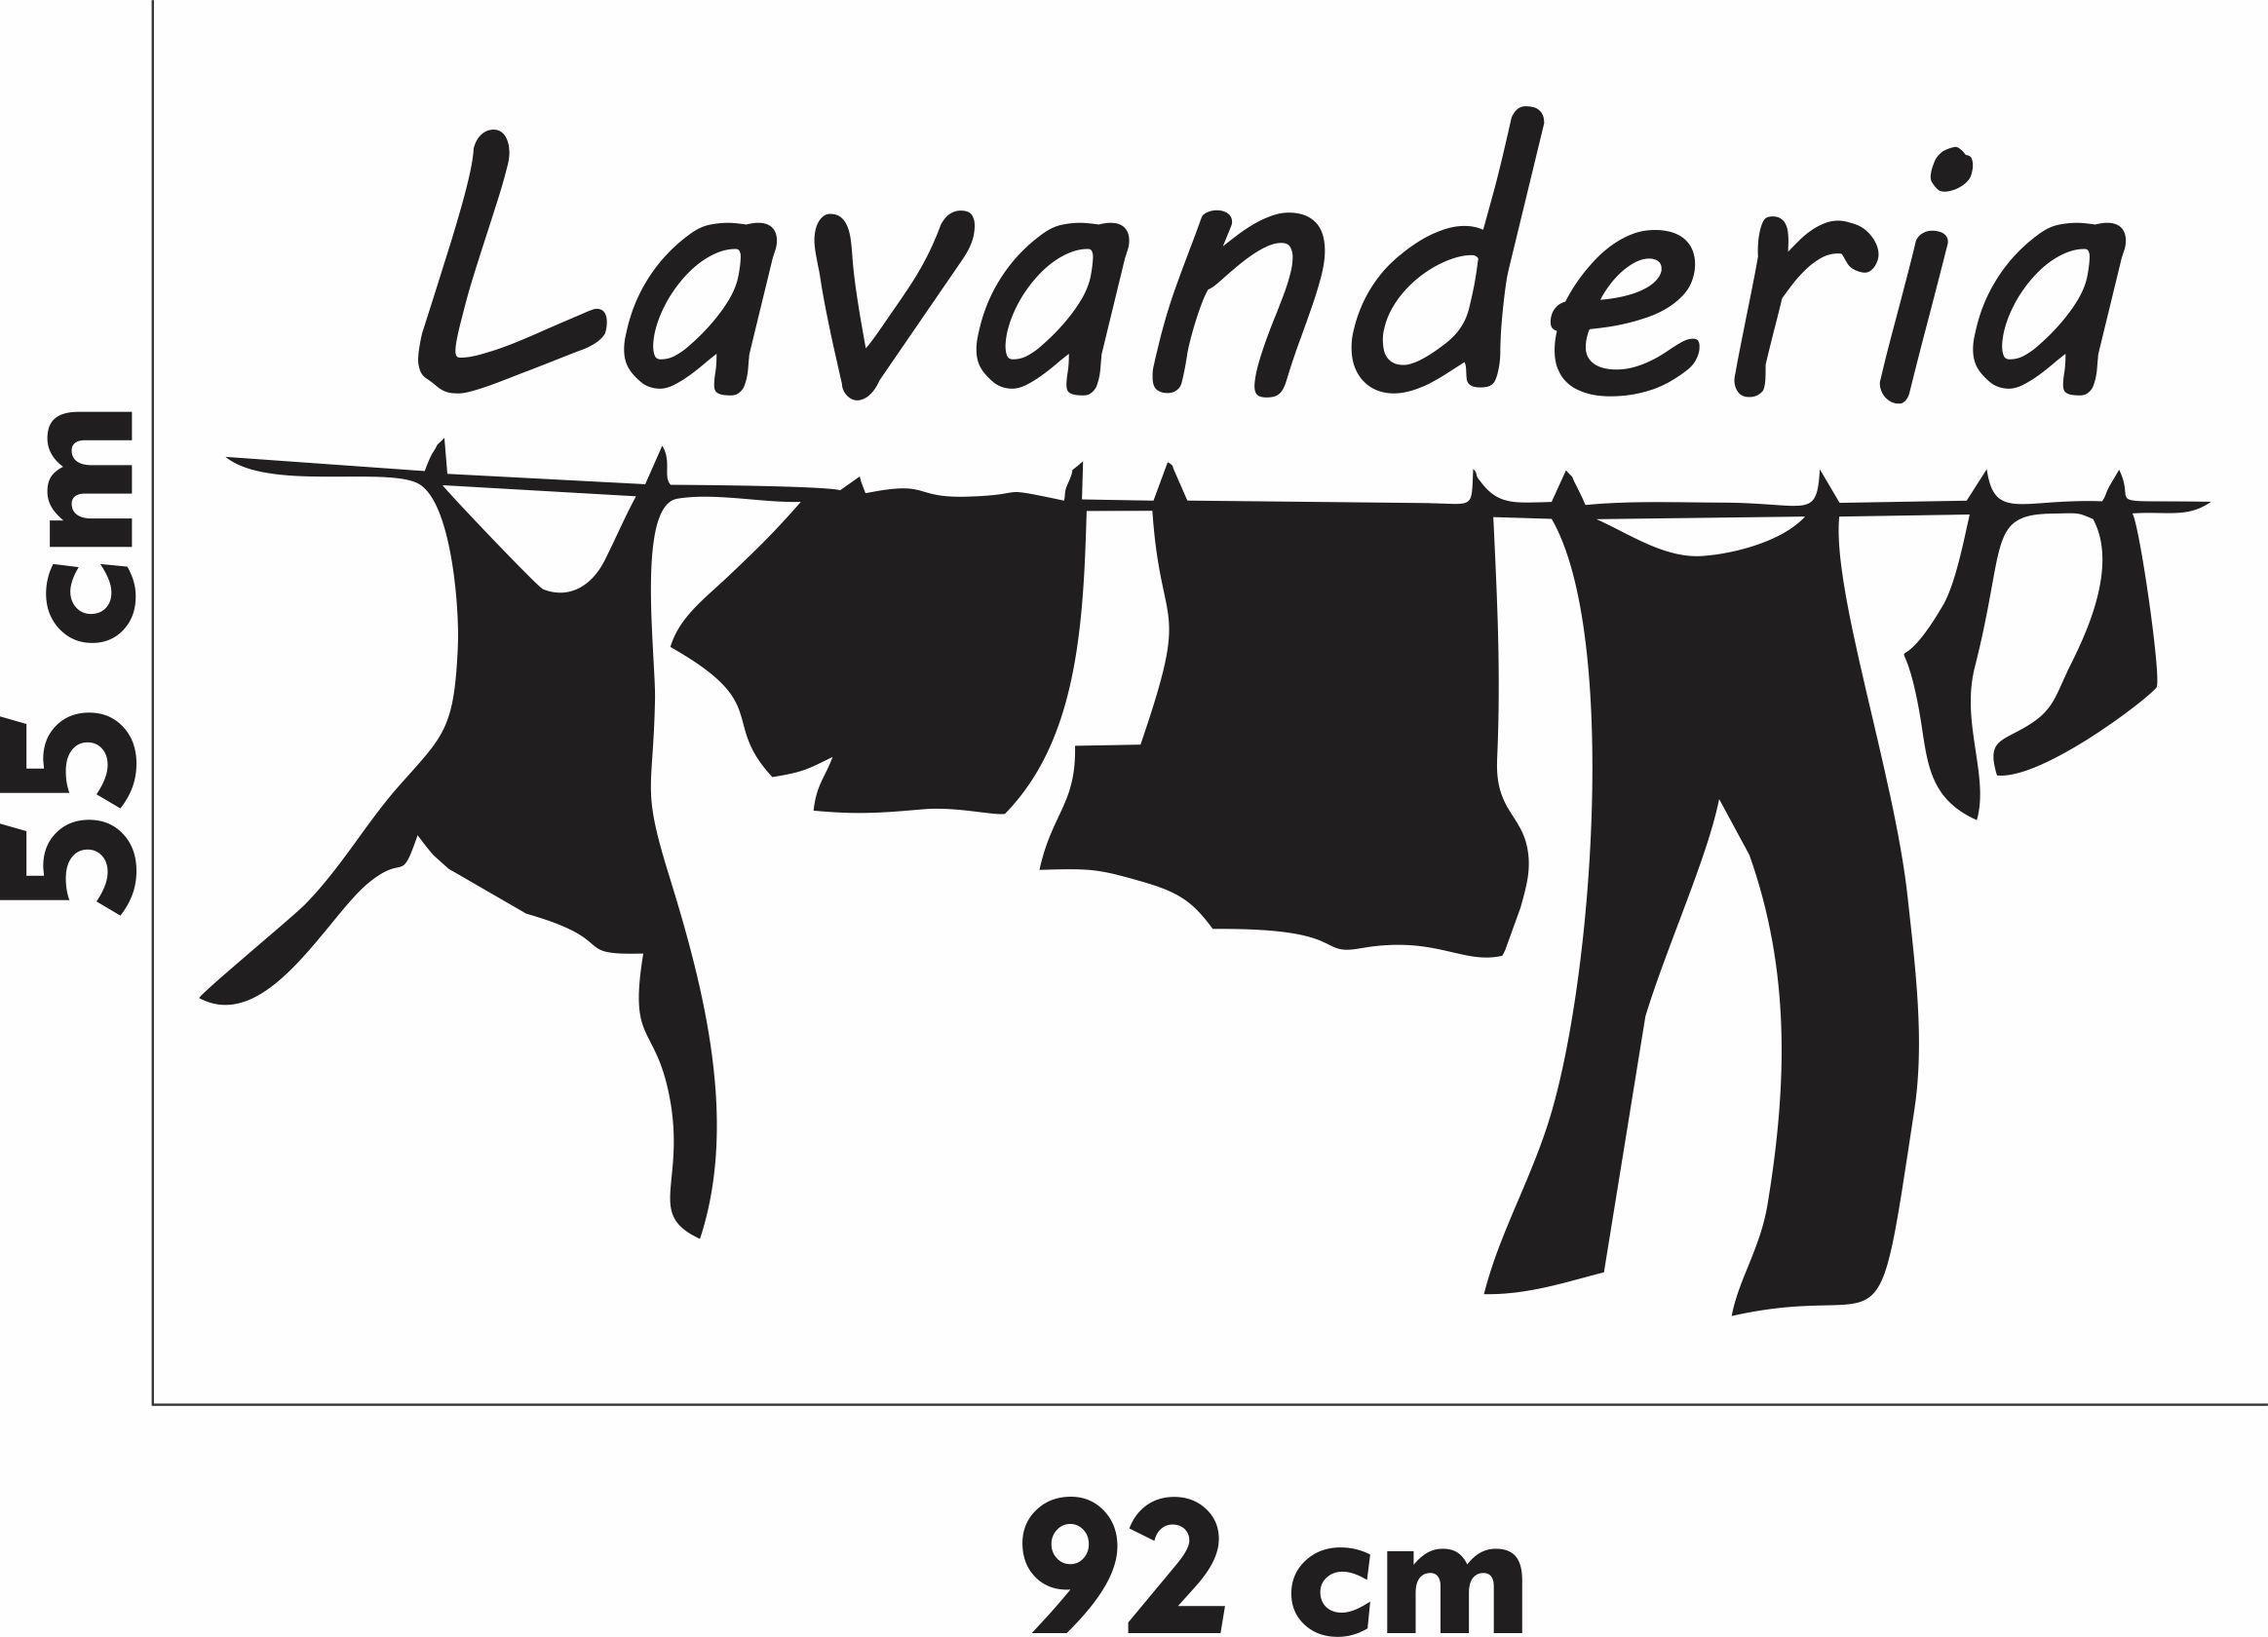 Adesivo Parede Frase Lavanderia Roupa Laundry -> Fran Adesivos